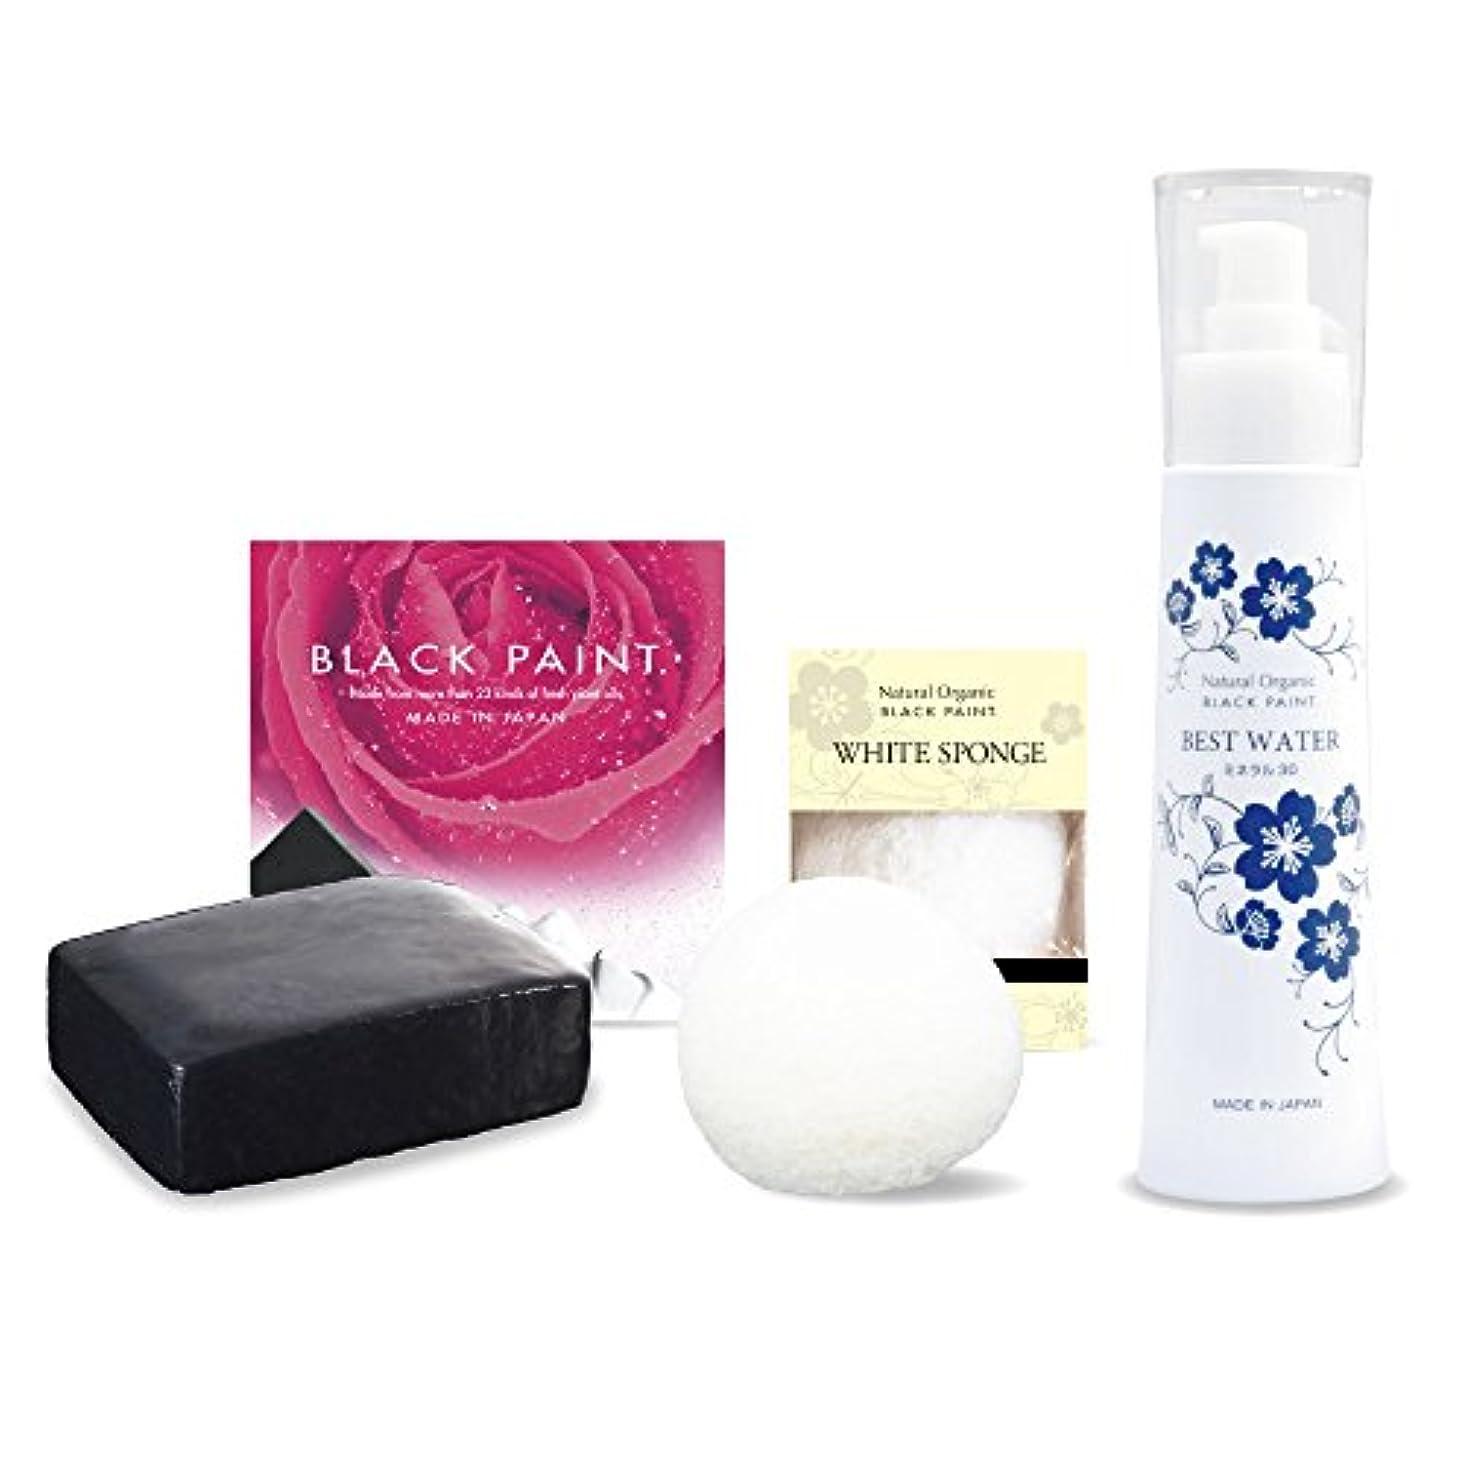 ブラックペイント 60g&ホワイトスポンジ&ベストウォーター100ml 塗る石鹸 洗顔セット 無添加 国産